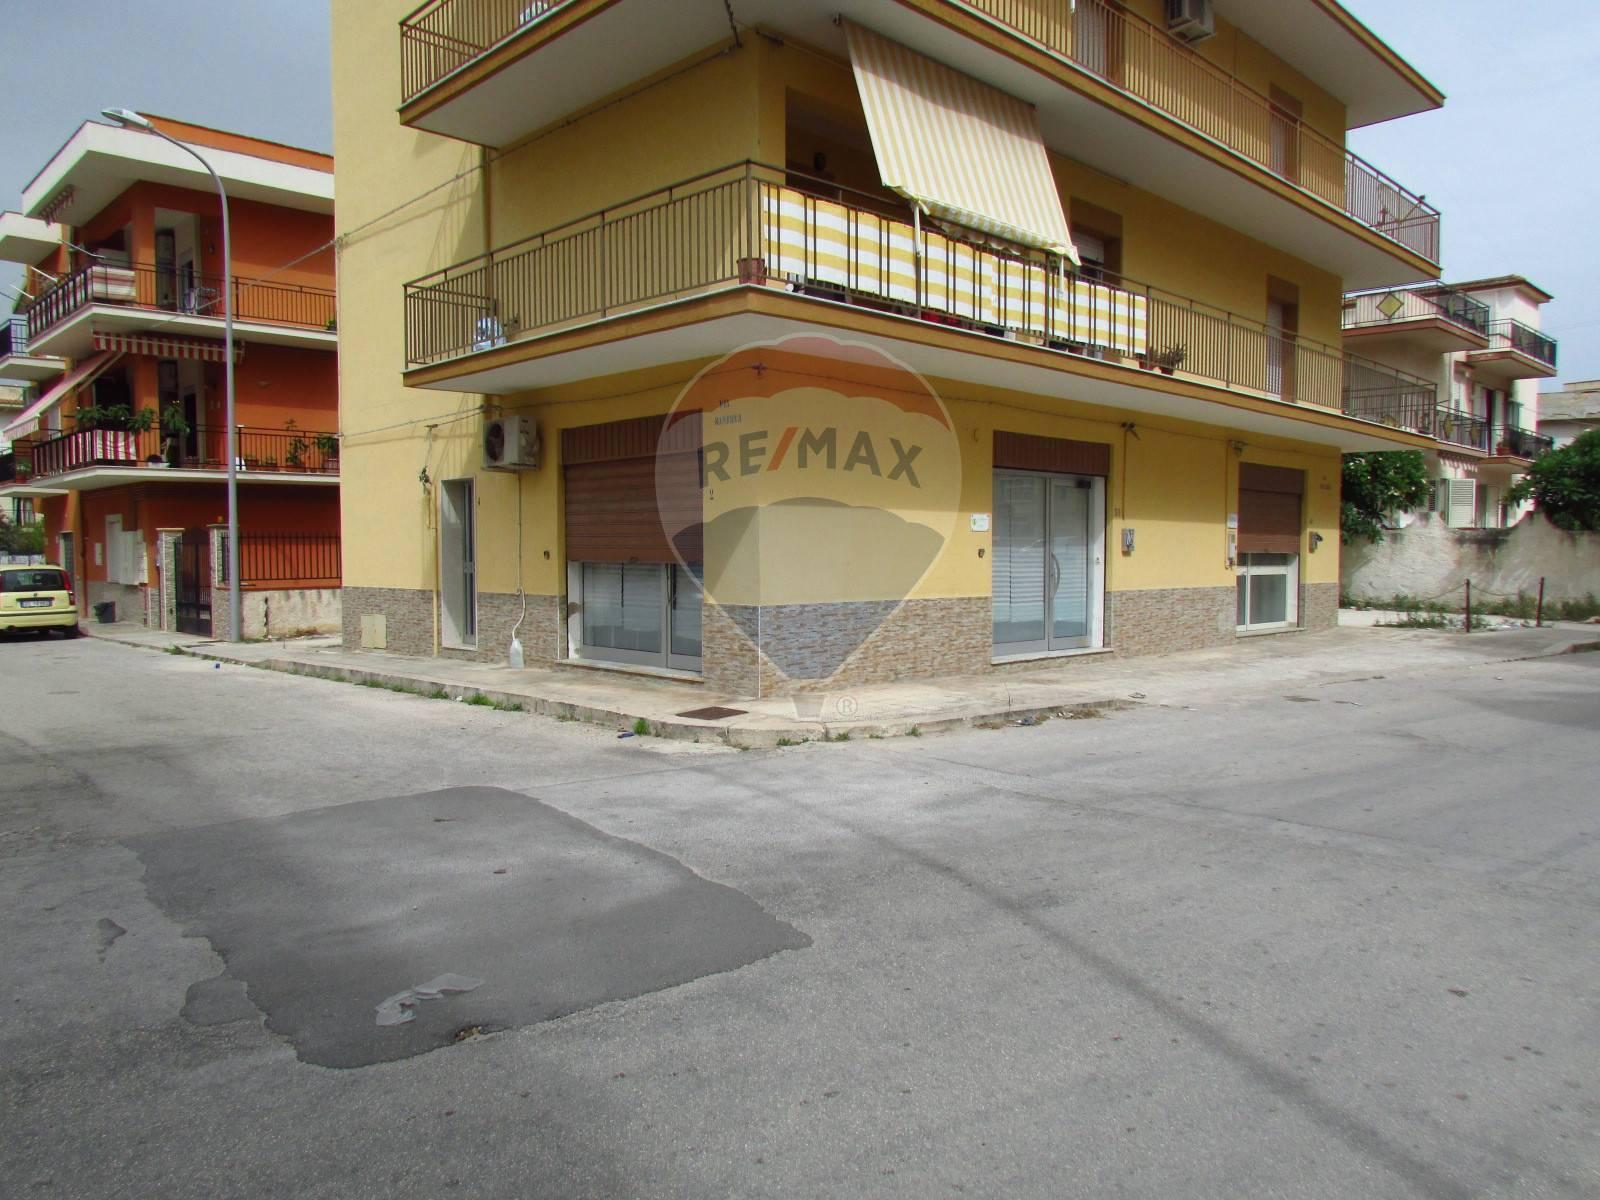 Fondo commerciale in vendita a Sciacca (AG)